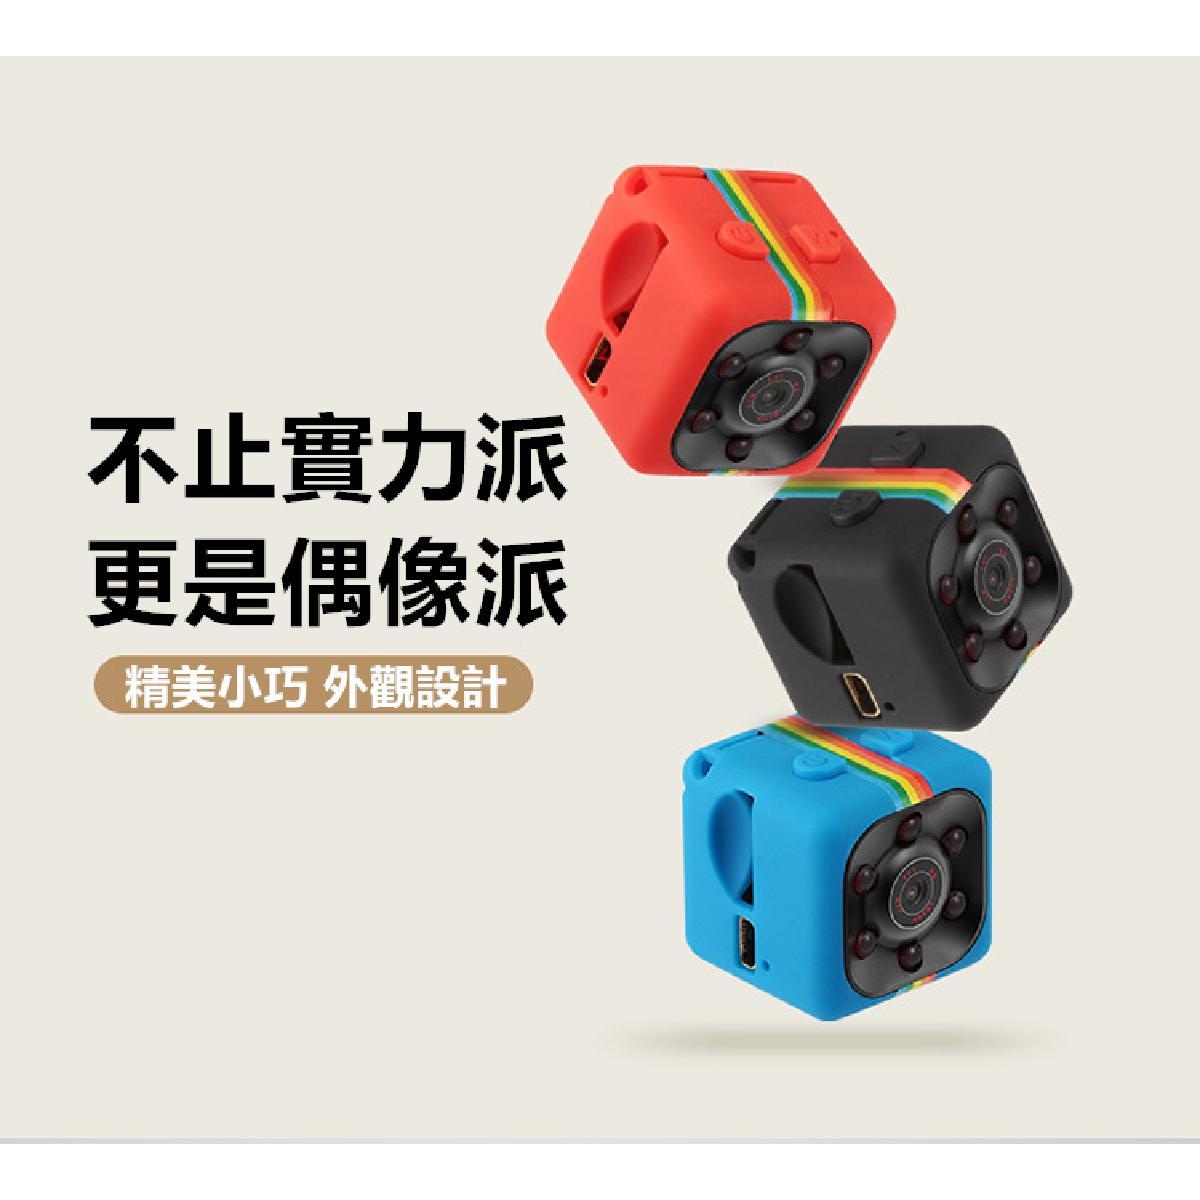 高清迷你運動相機SQ11 (藍色)